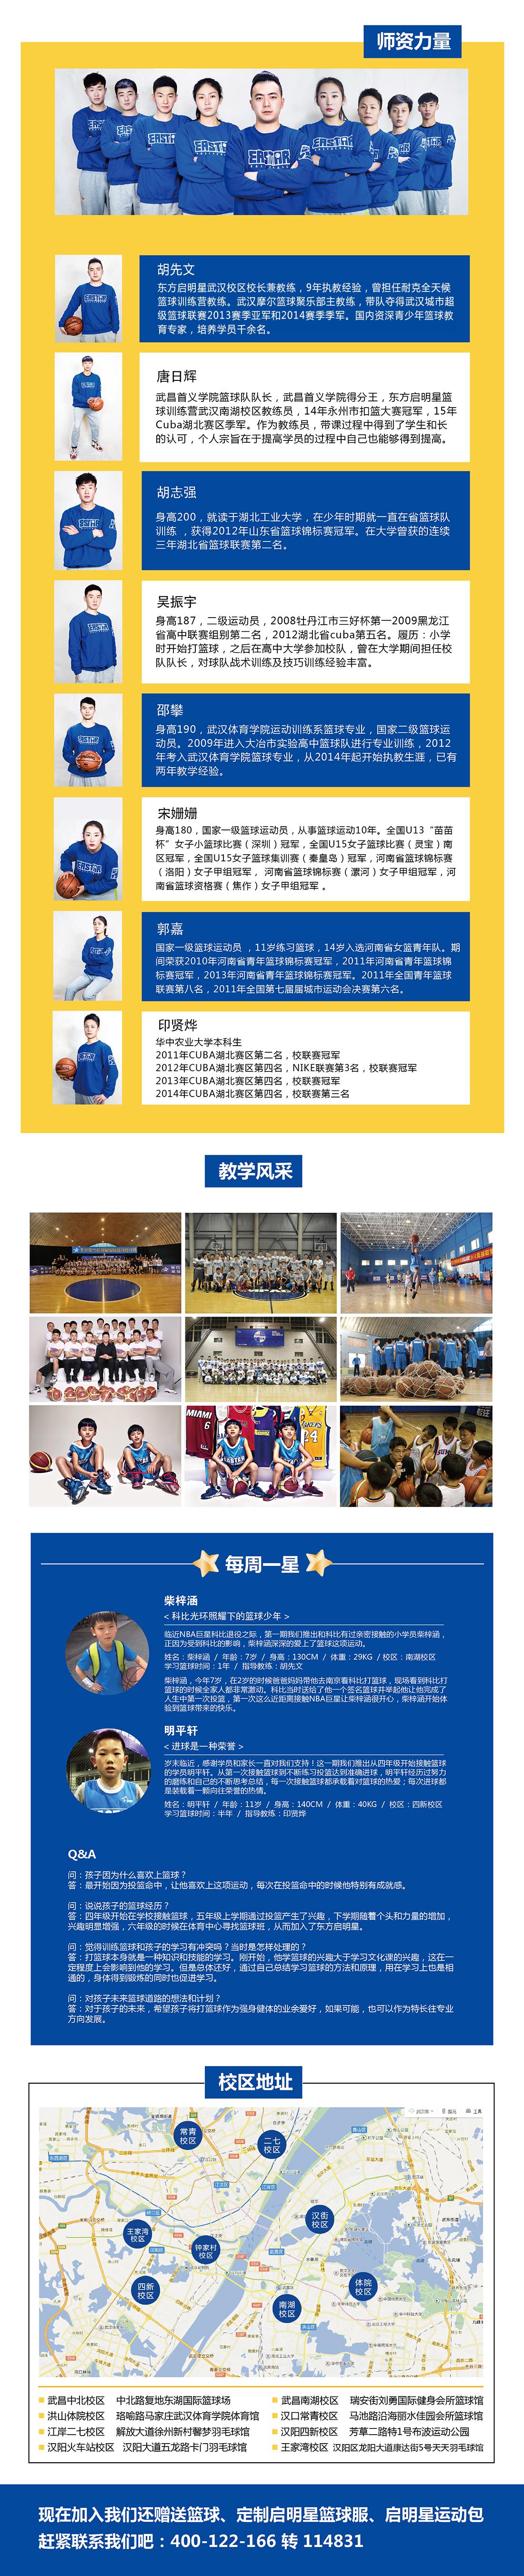 体育馆 武昌南湖校区 湖北省武汉市武昌区瑞安街刘勇国际健身会所篮球